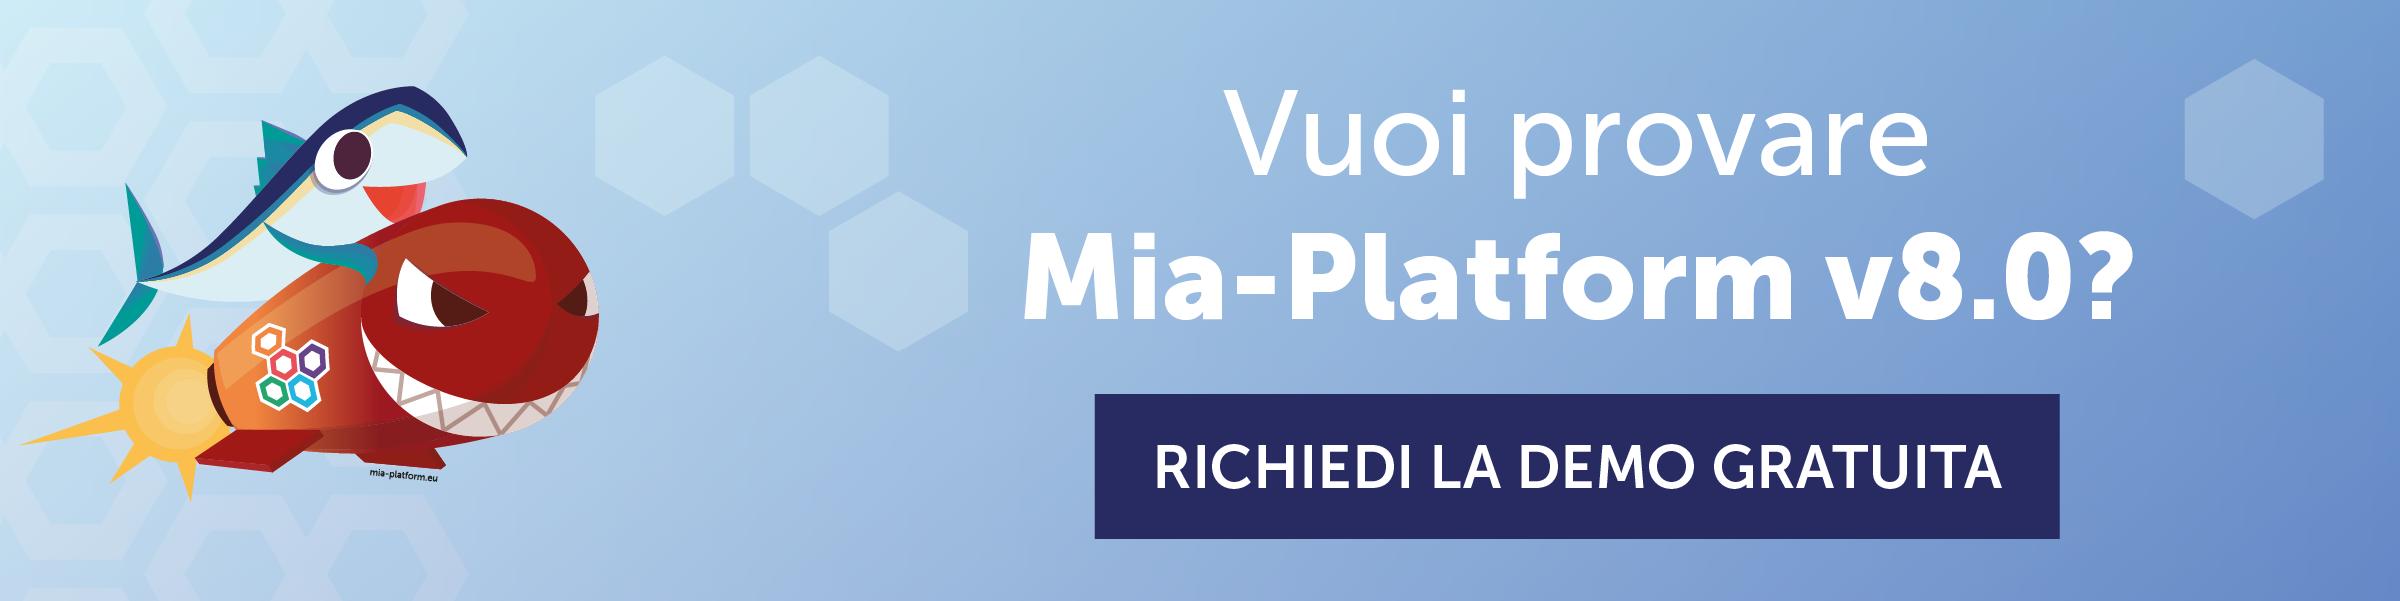 Mia-Platform v8.0 - Richiedi la demo